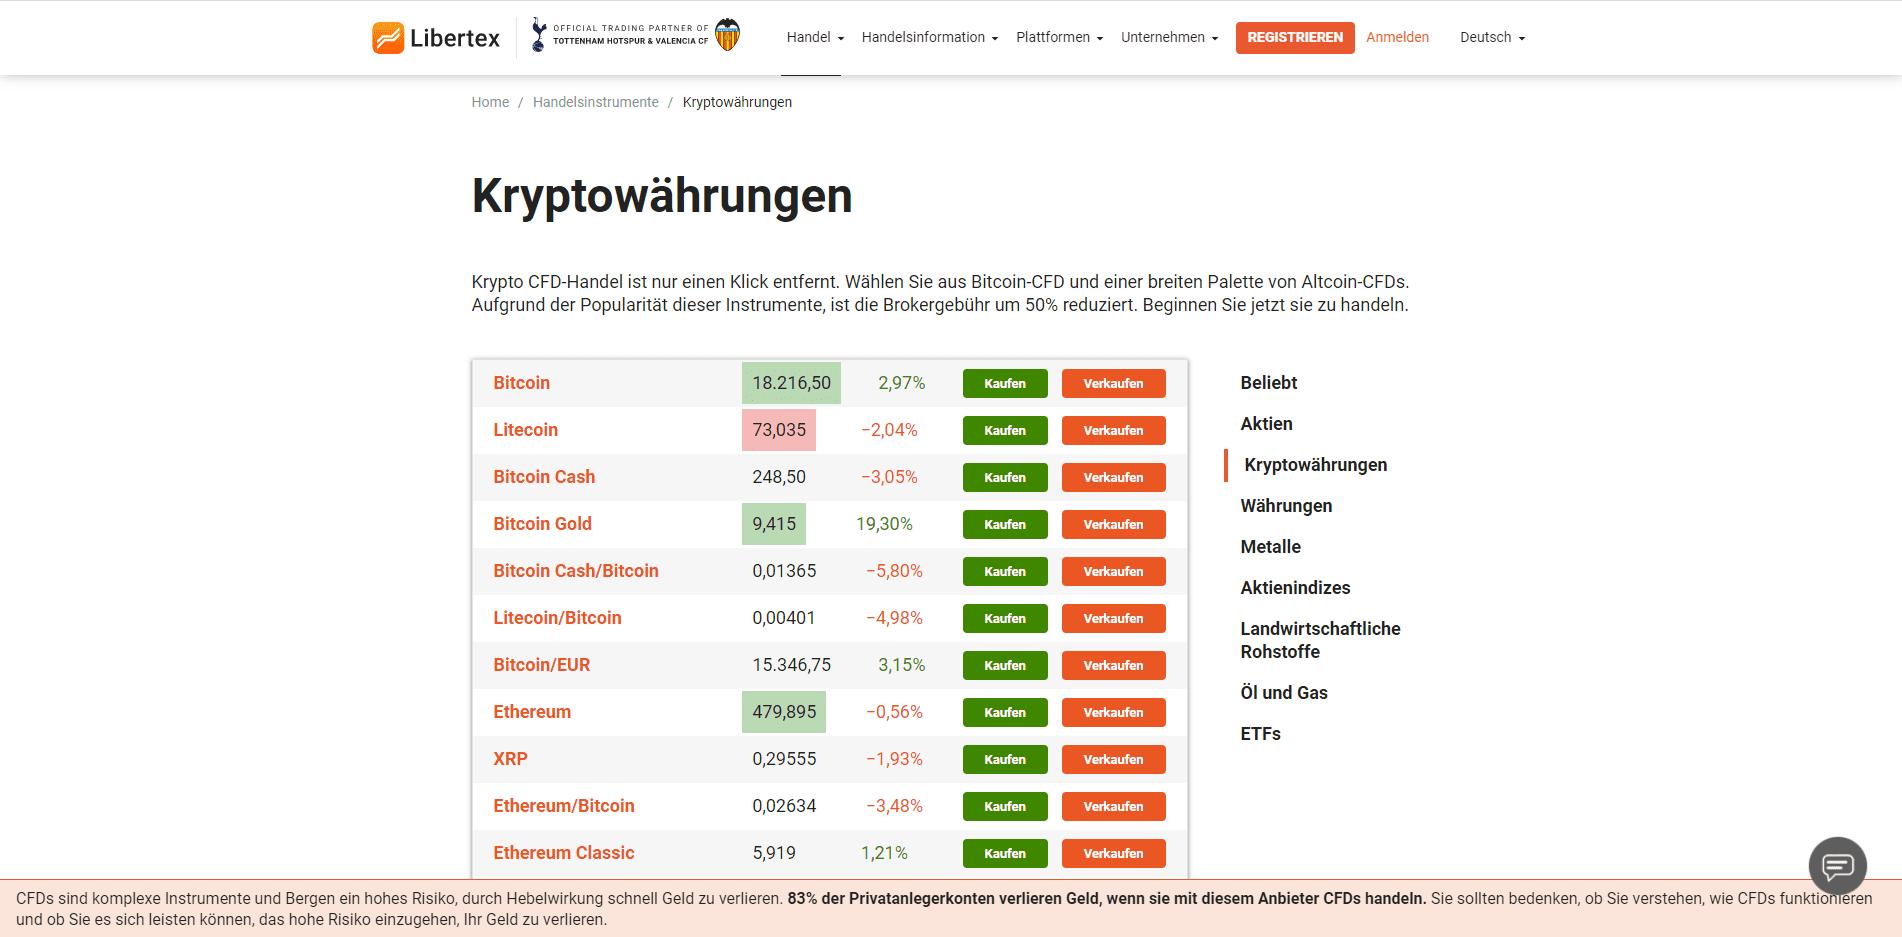 Bitcoin auf dem tradeway handeln